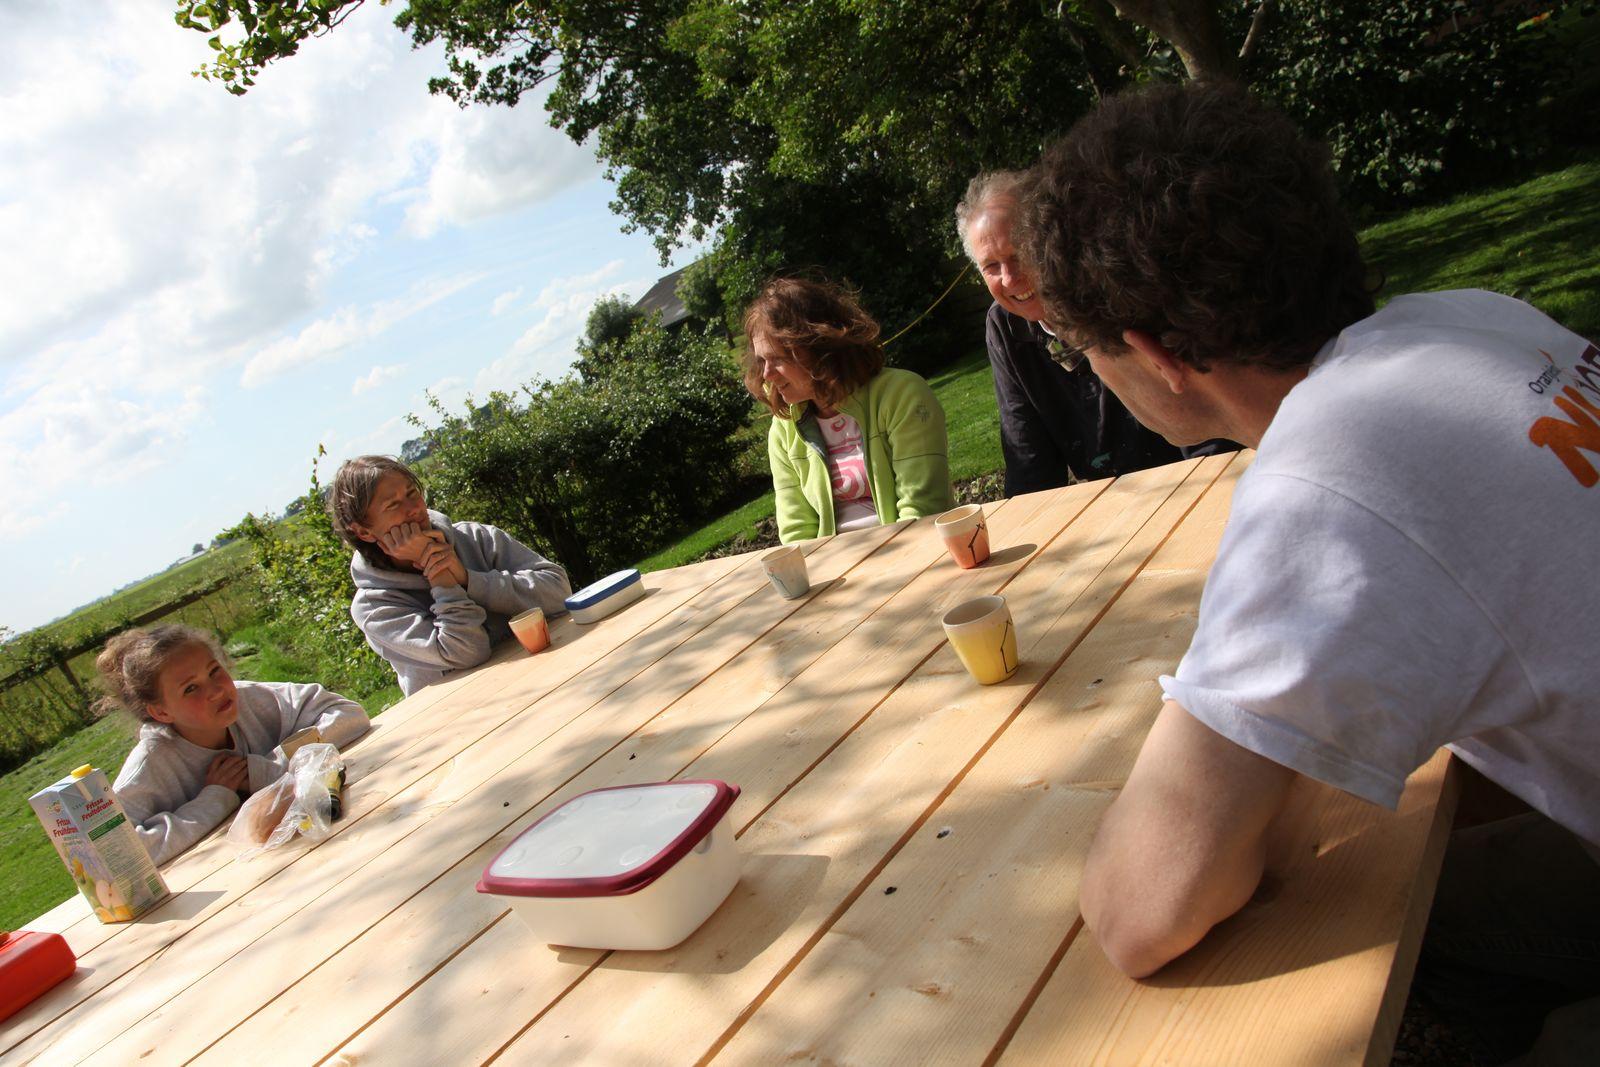 Afbeelding van Grutte Tsjerke - rolstoelvriendelijk vakantiehuis in Friesland